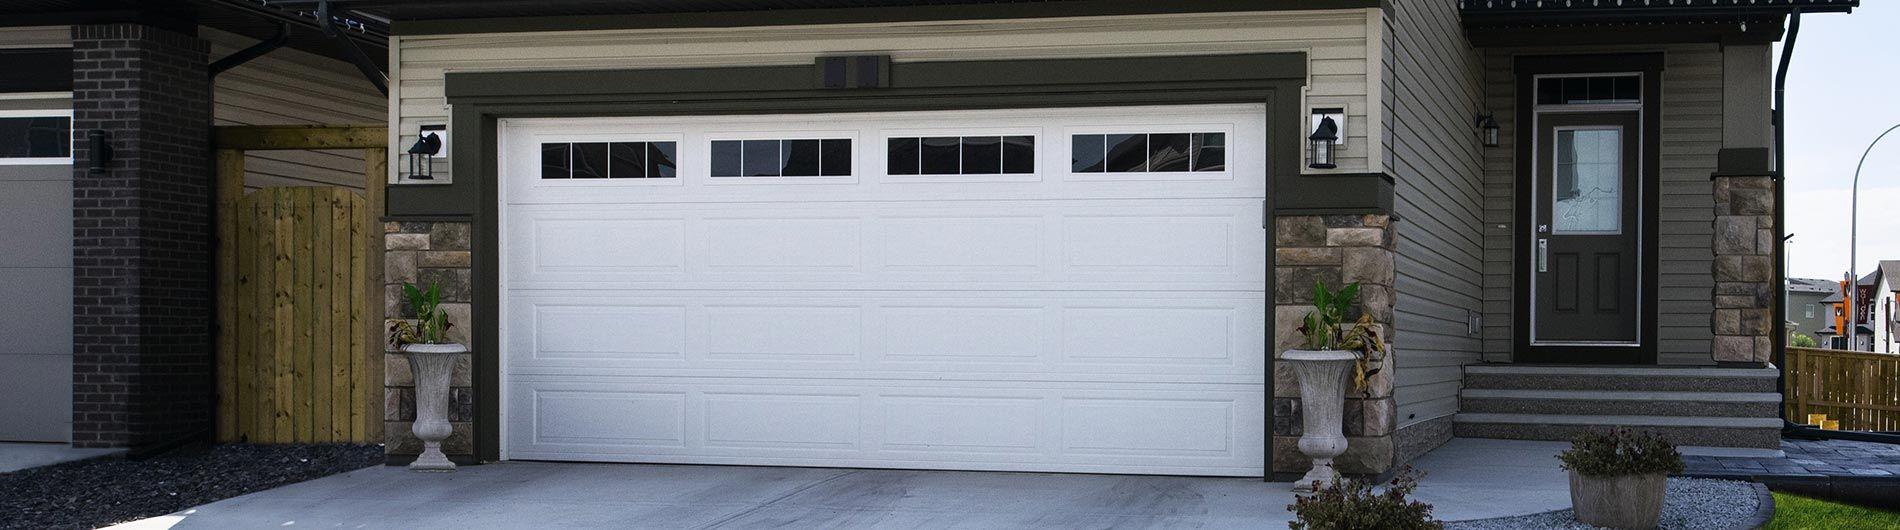 Wayne Dalton Garage Door Windows Inserts Tcworks Org Garage Door Dalton Wayne Doors Steel 830 In 2020 Garage Doors Garage Door Installation Wooden Garage Doors